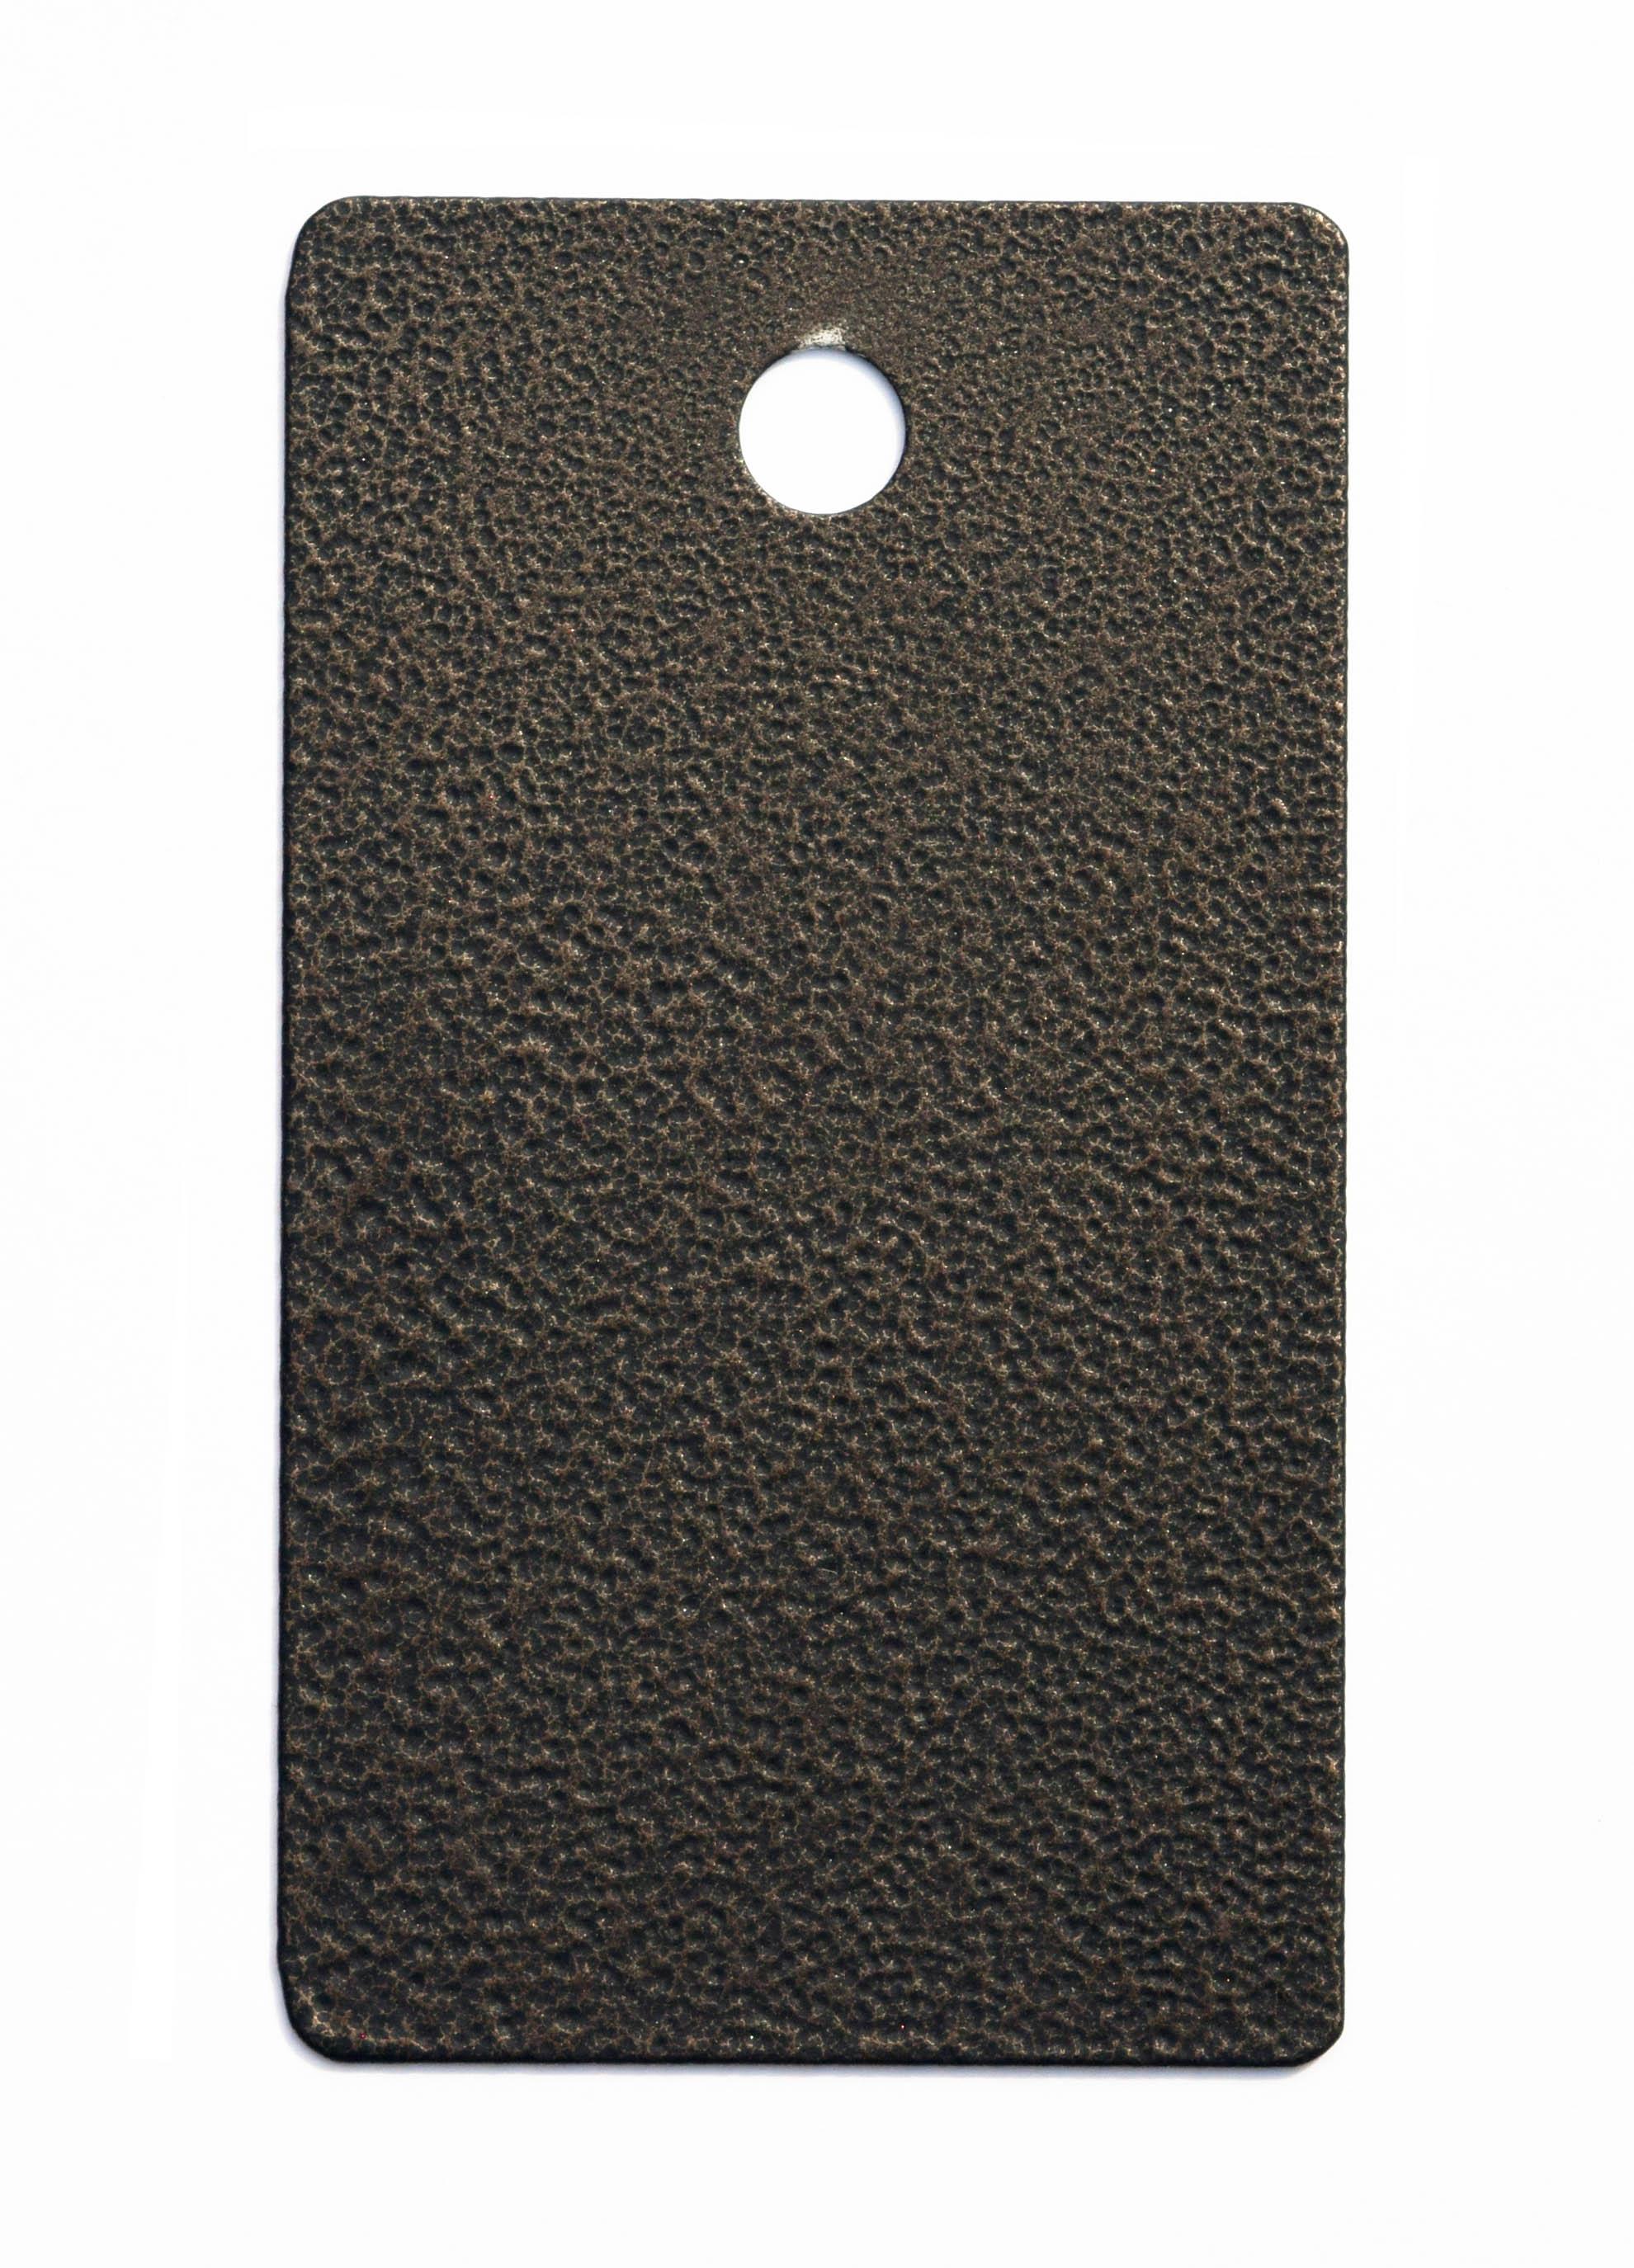 Textured Oil Rubbed Bronze Metallic